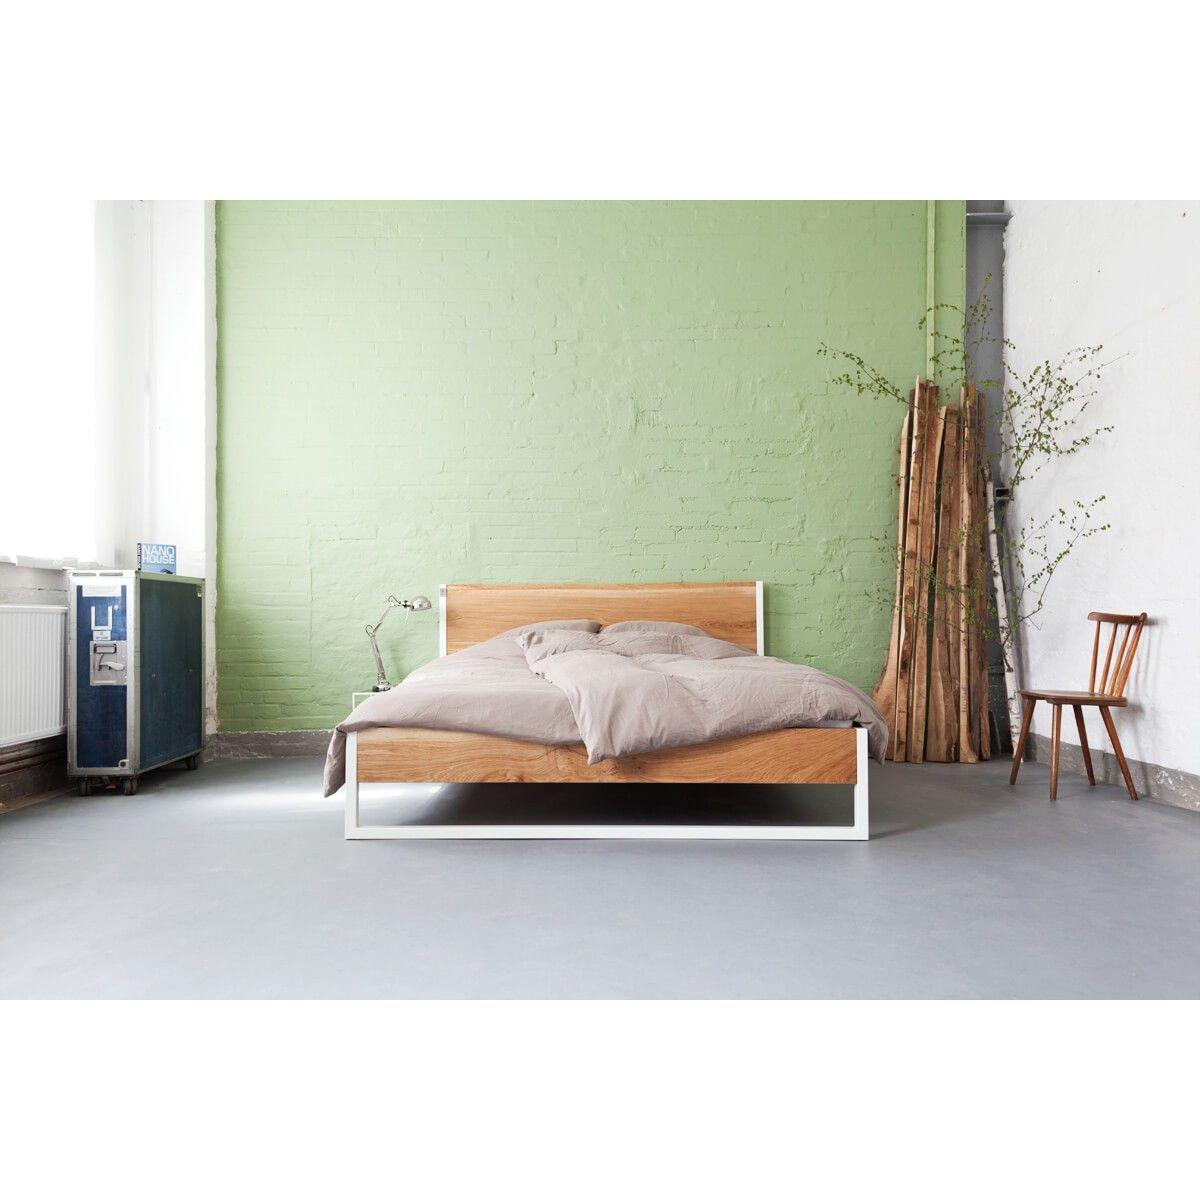 N51E12 Nature Oak Bed / Eiche Stahl selekkt Heim für